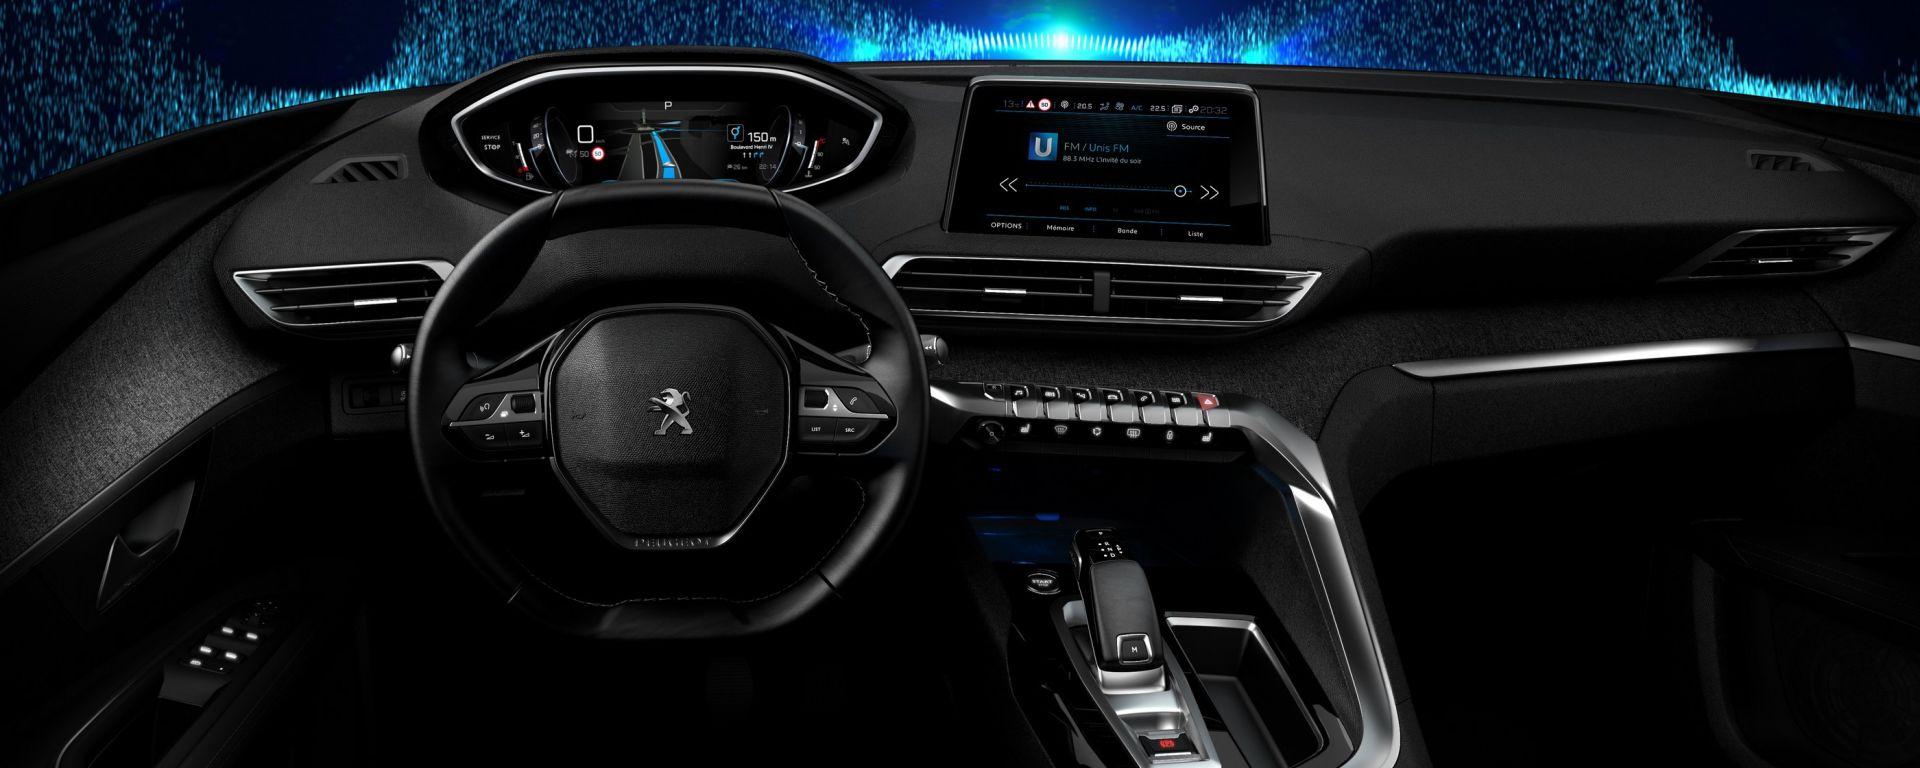 Nuovo Peugeot i-Cockpit: ecco come sarà la plancia nuova 3008